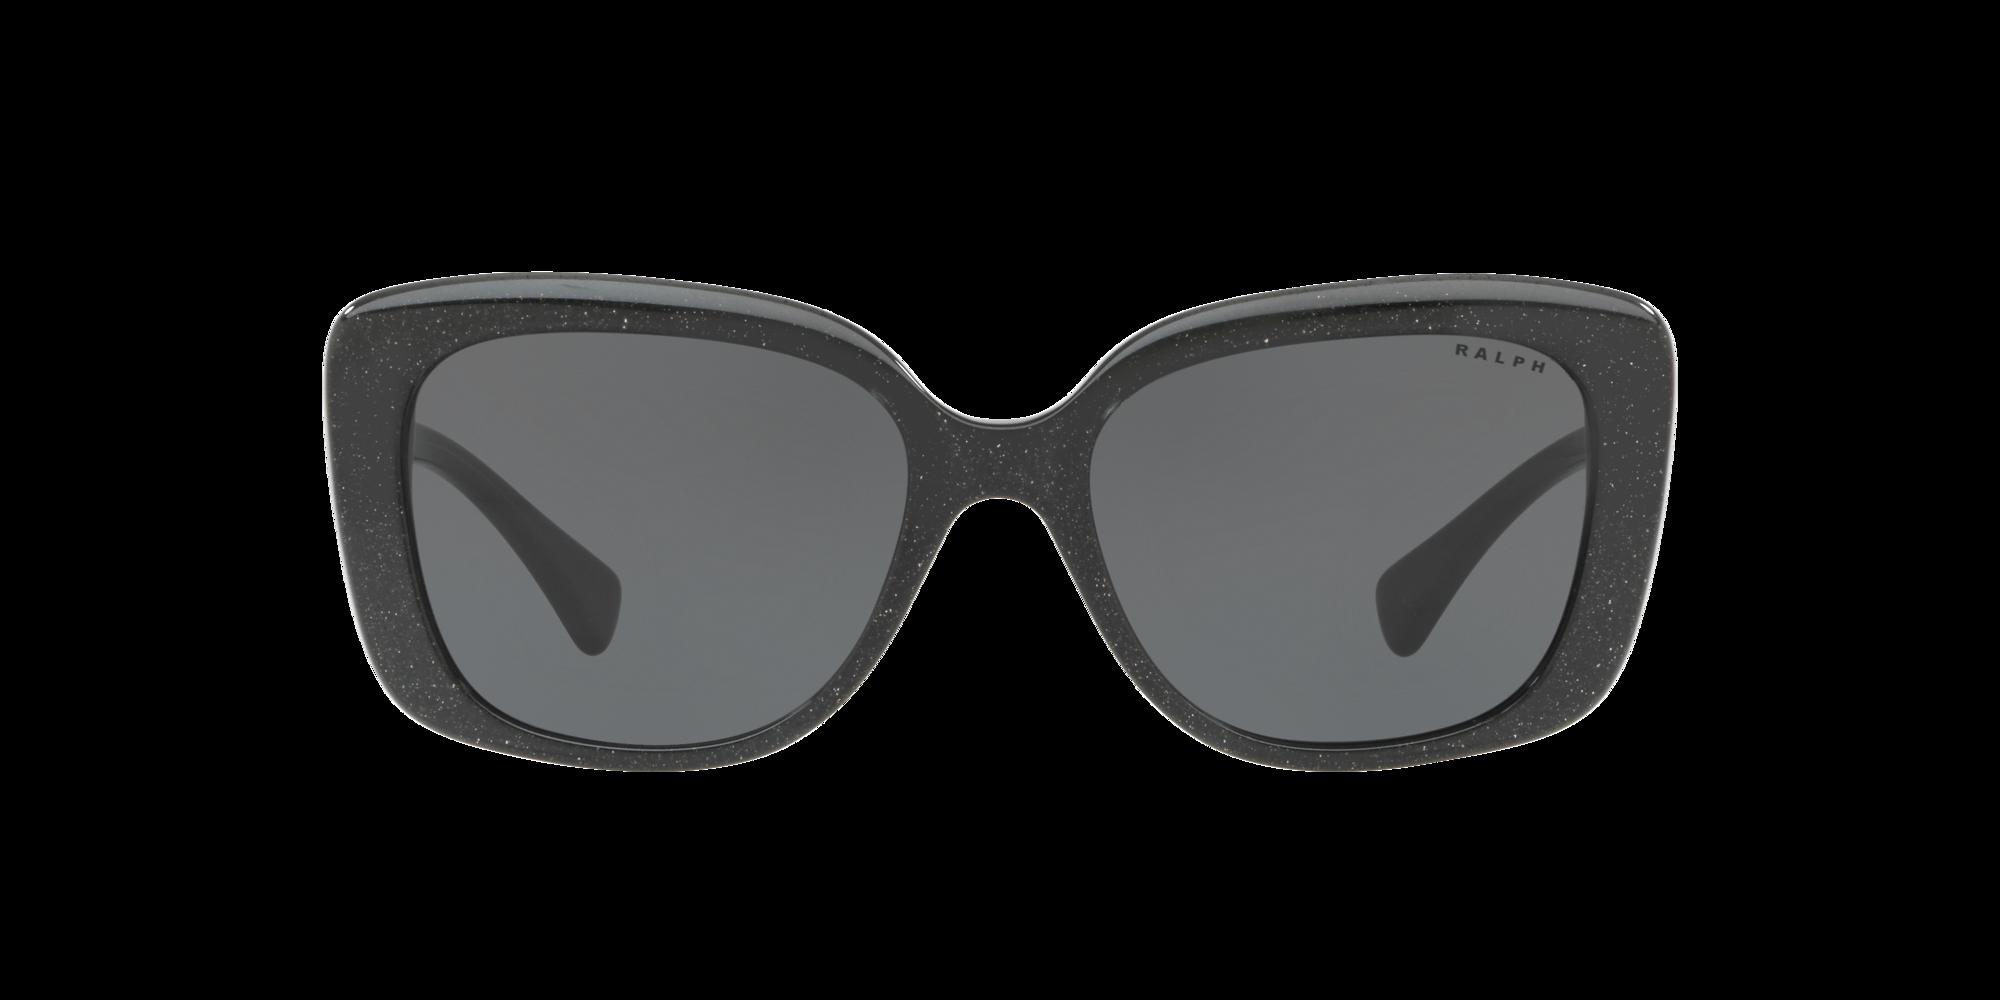 Imagen para RA5241 55 de LensCrafters |  Espejuelos, espejuelos graduados en línea, gafas